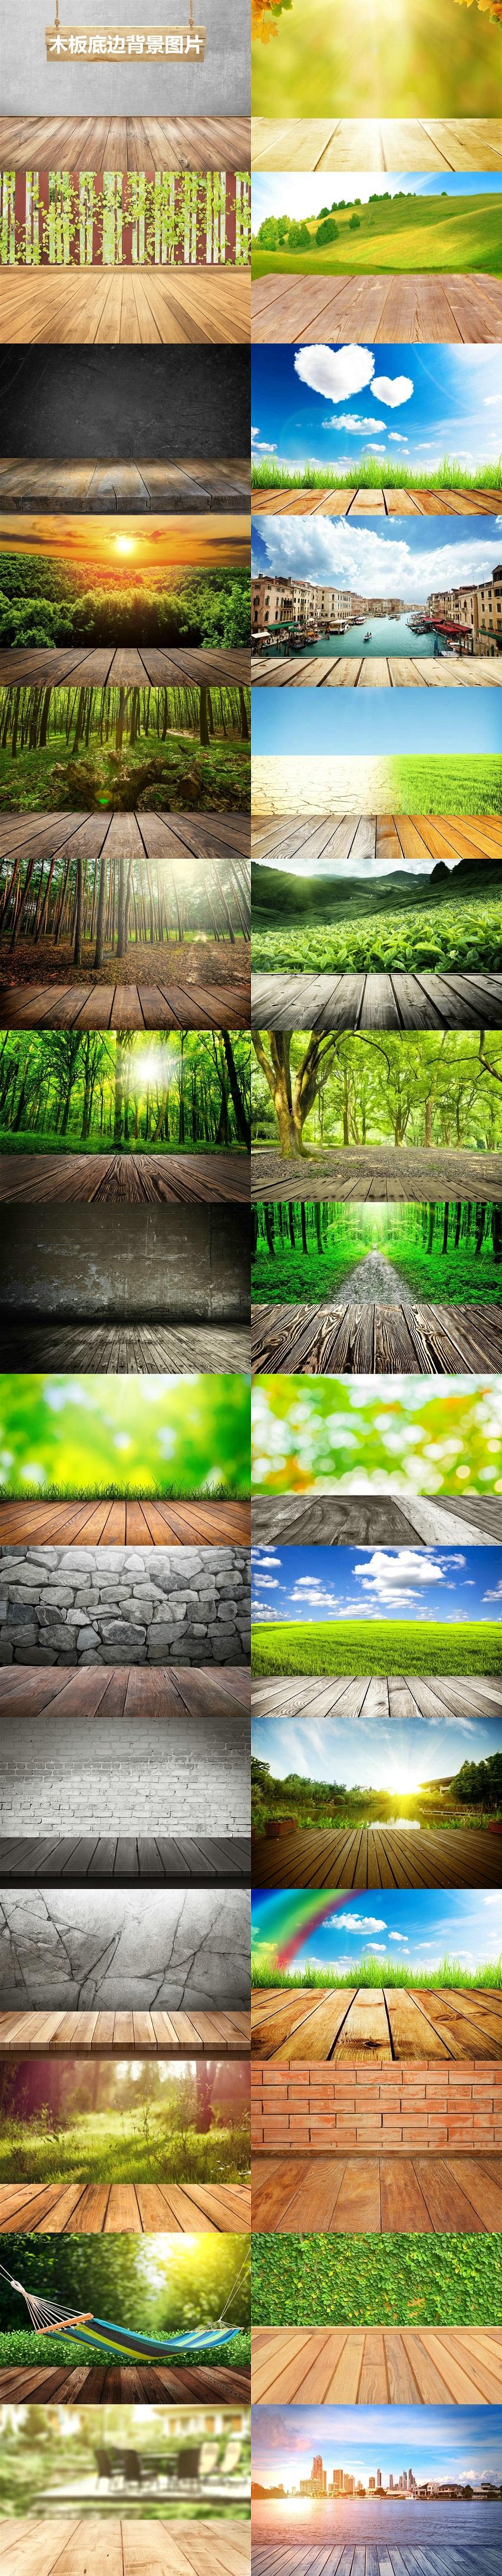 木板木质艺术设计图片素材